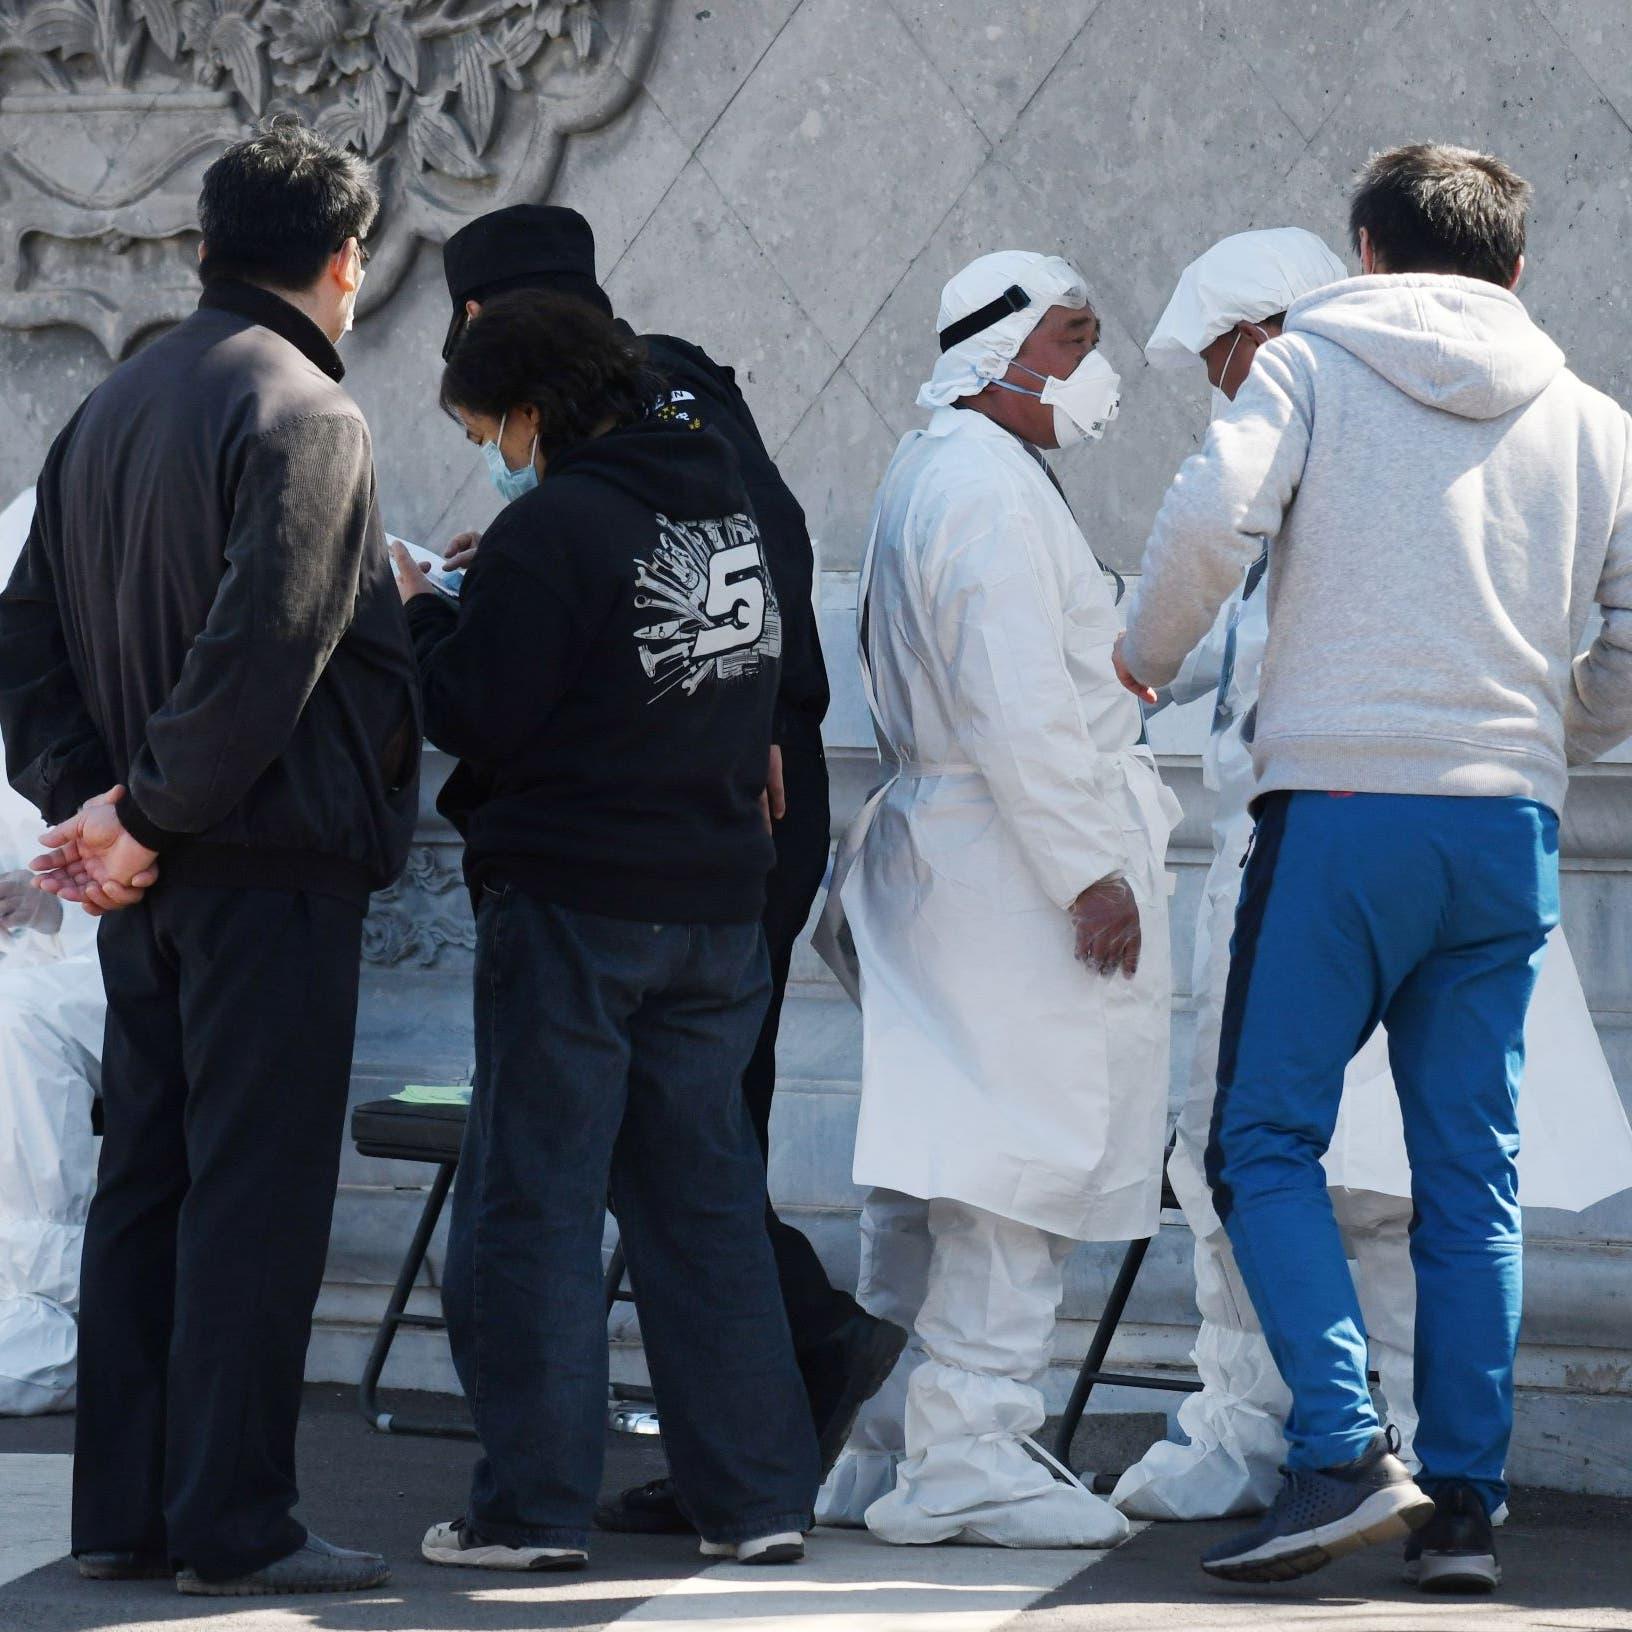 مصادر أميركية: الصين تشن حملة ضد ضحايا كورونا وعائلاتهم